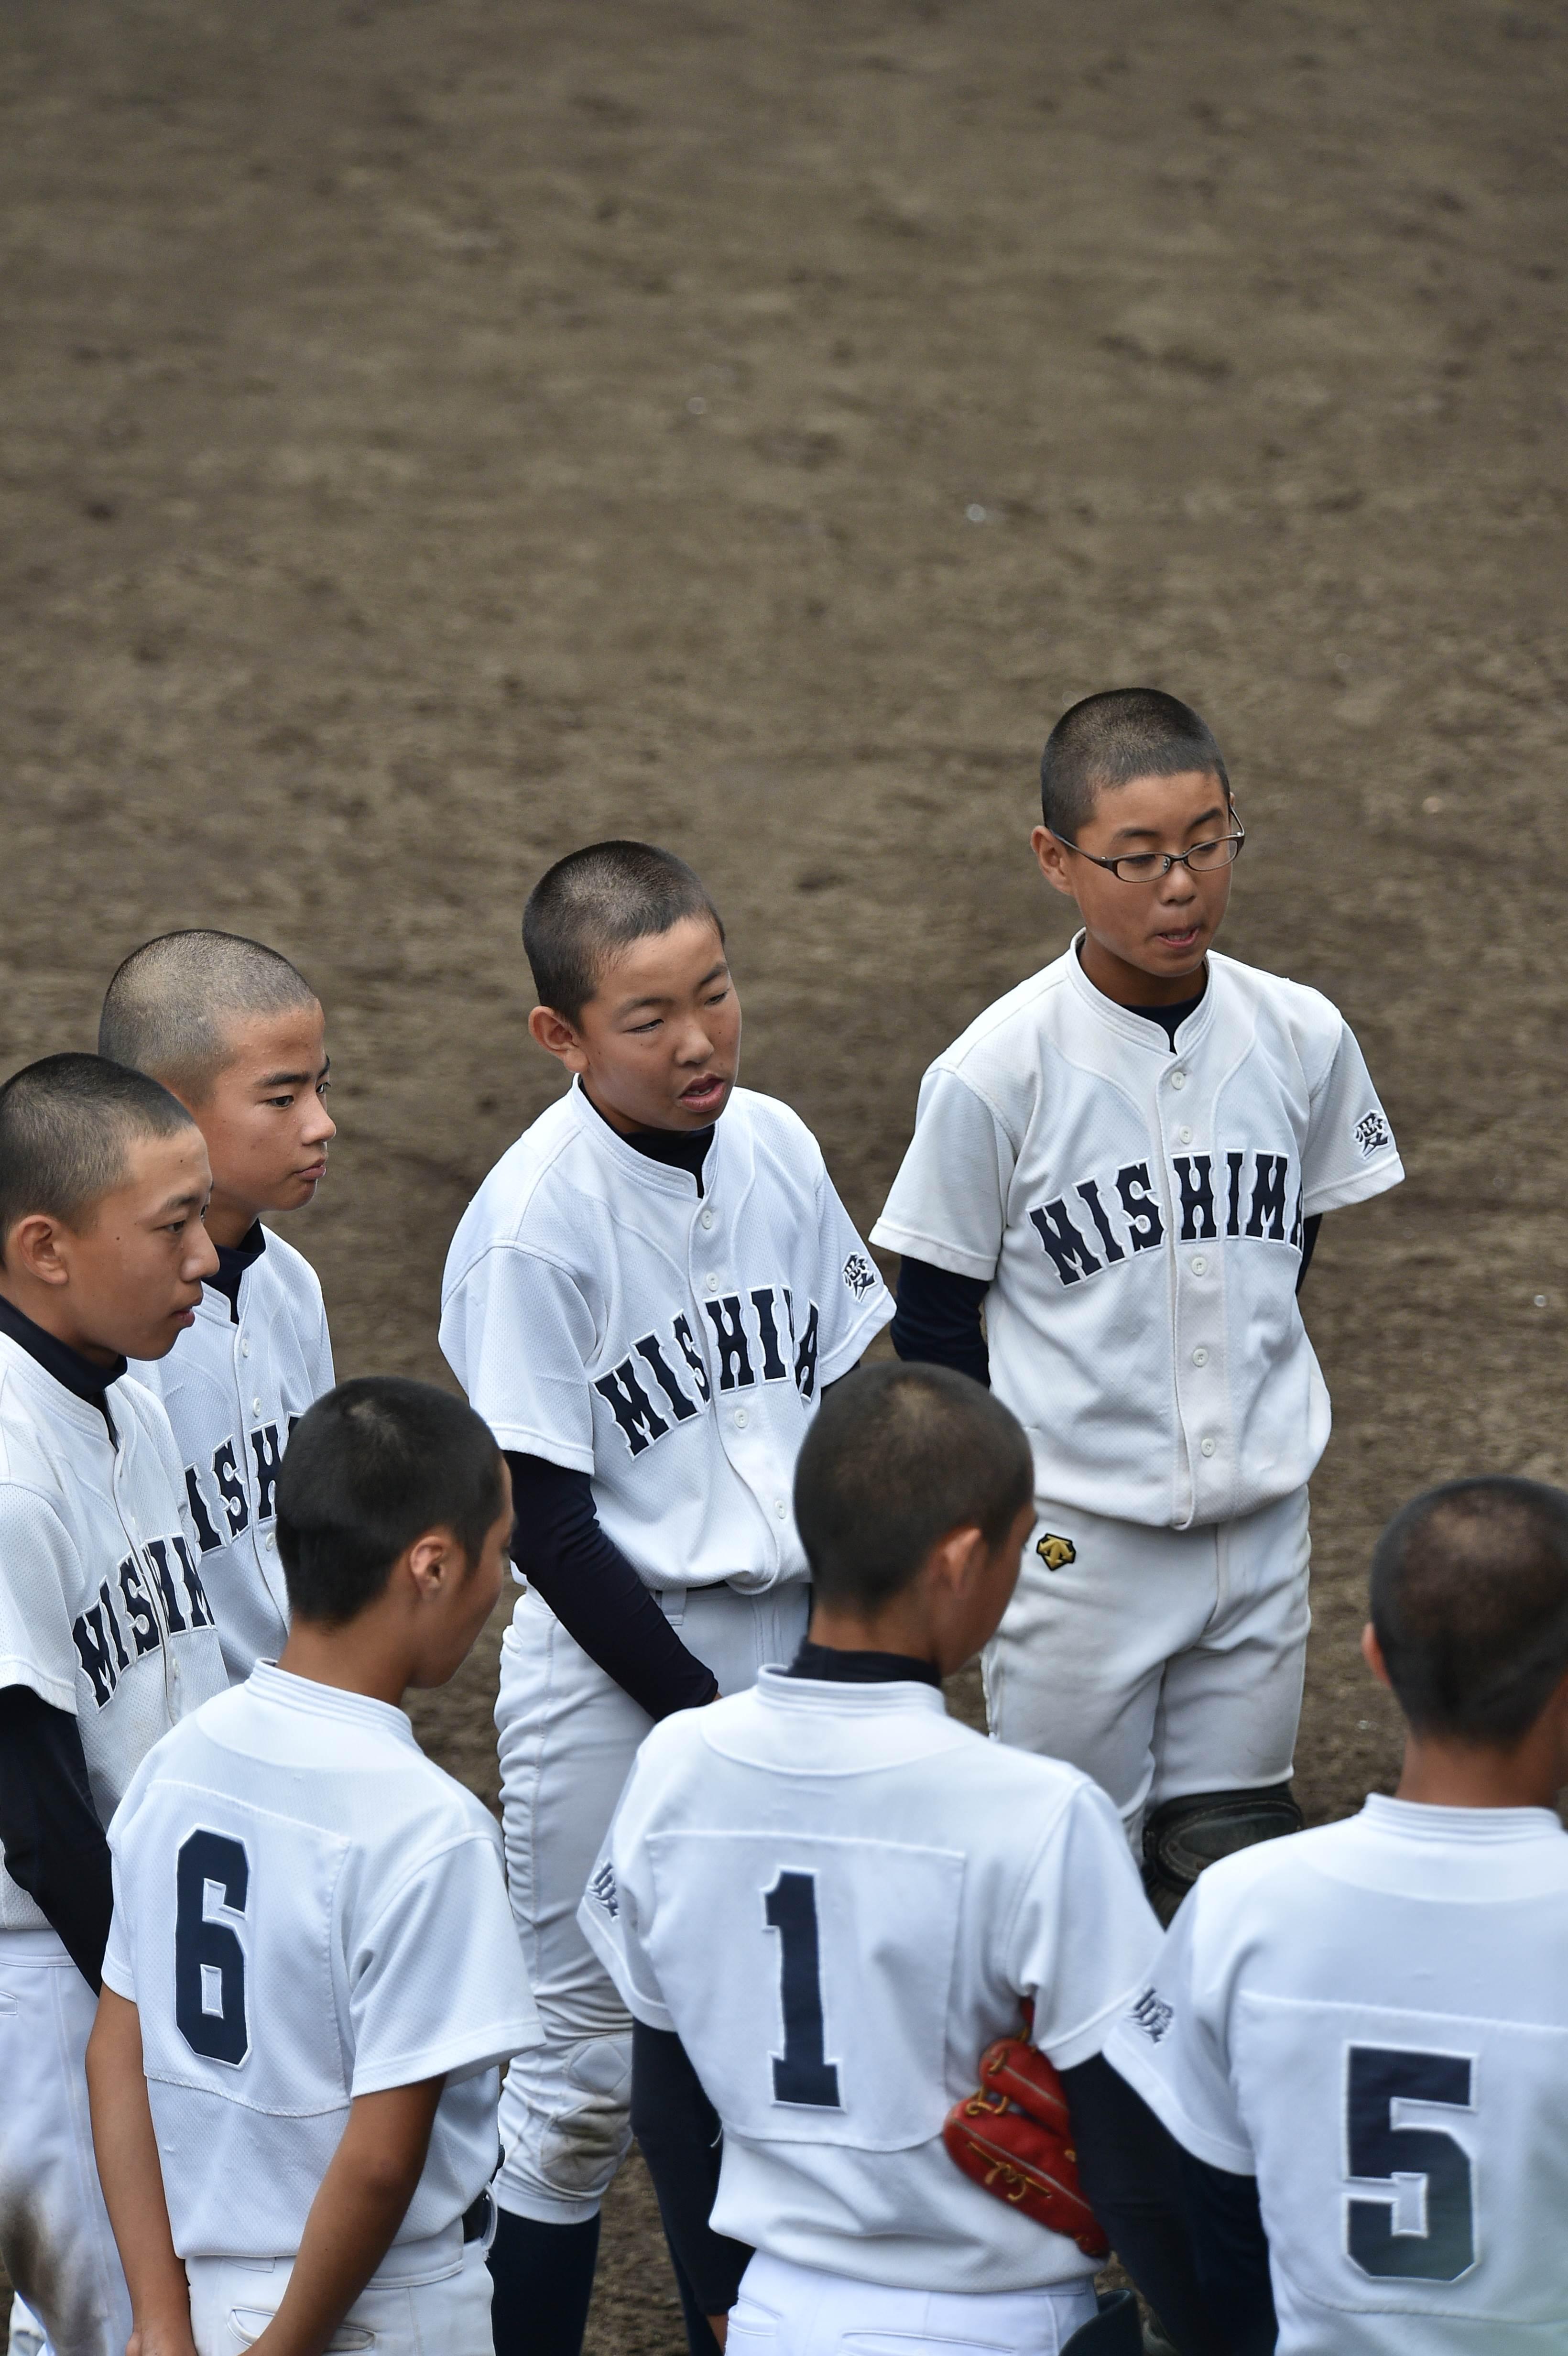 軟式野球 (410)